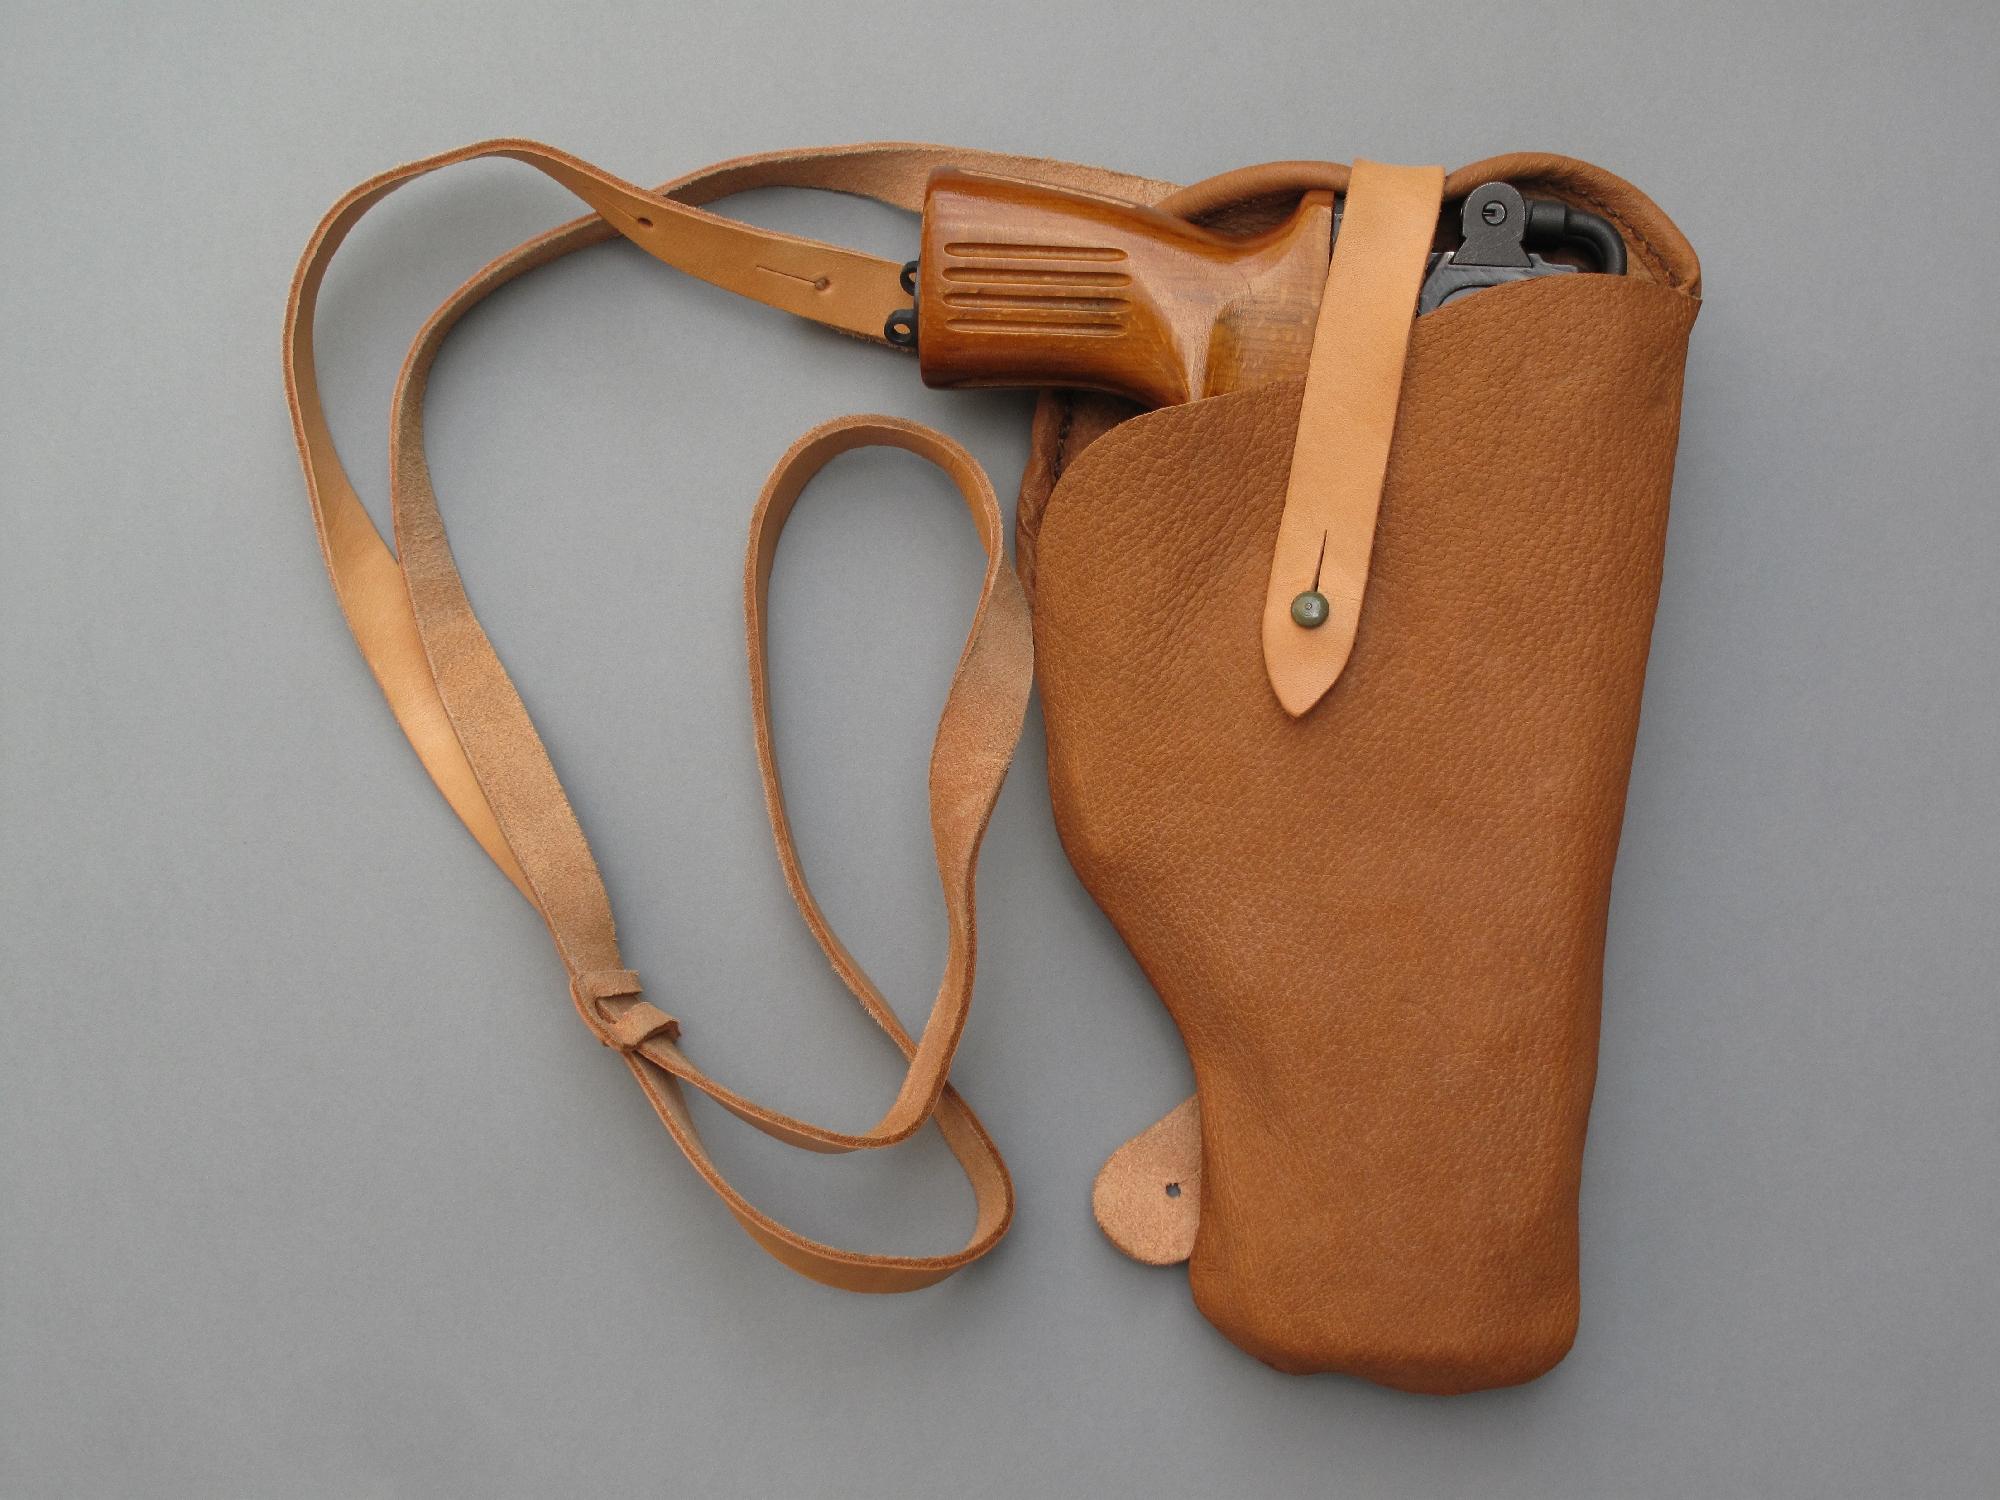 Il est aisé de se procurer, pour un prix le plus souvent dérisoire, des accessoires à l'état neuf provenant des surplus de l'armée tchèque, à l'image de ce holster d'épaule en cuir qui est daté de 1981.